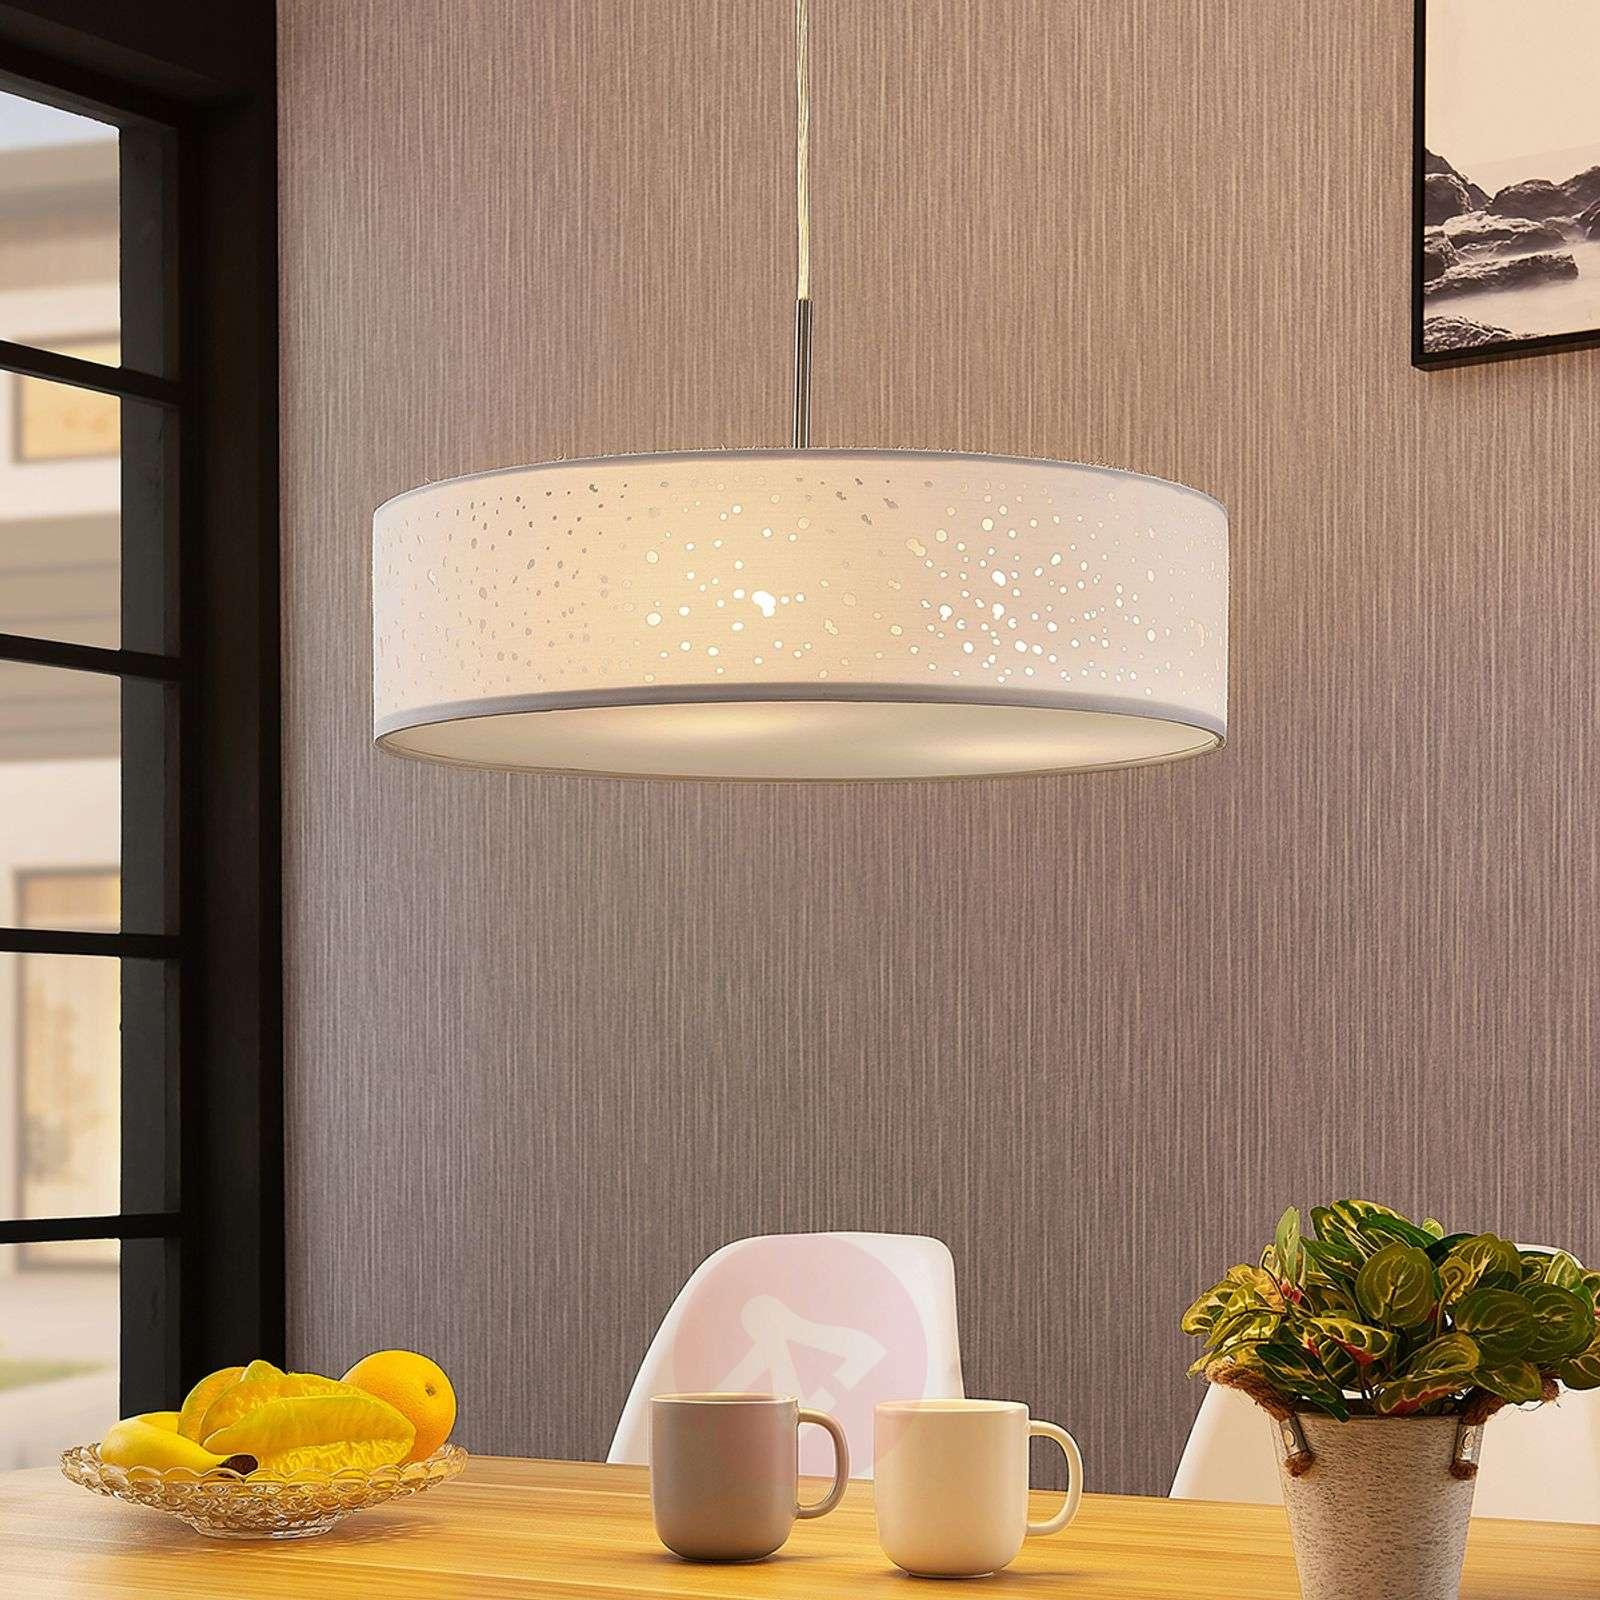 LED-RGB-riippuvalaisin Alwine, pistekuvio, pyöreä-9624188-01